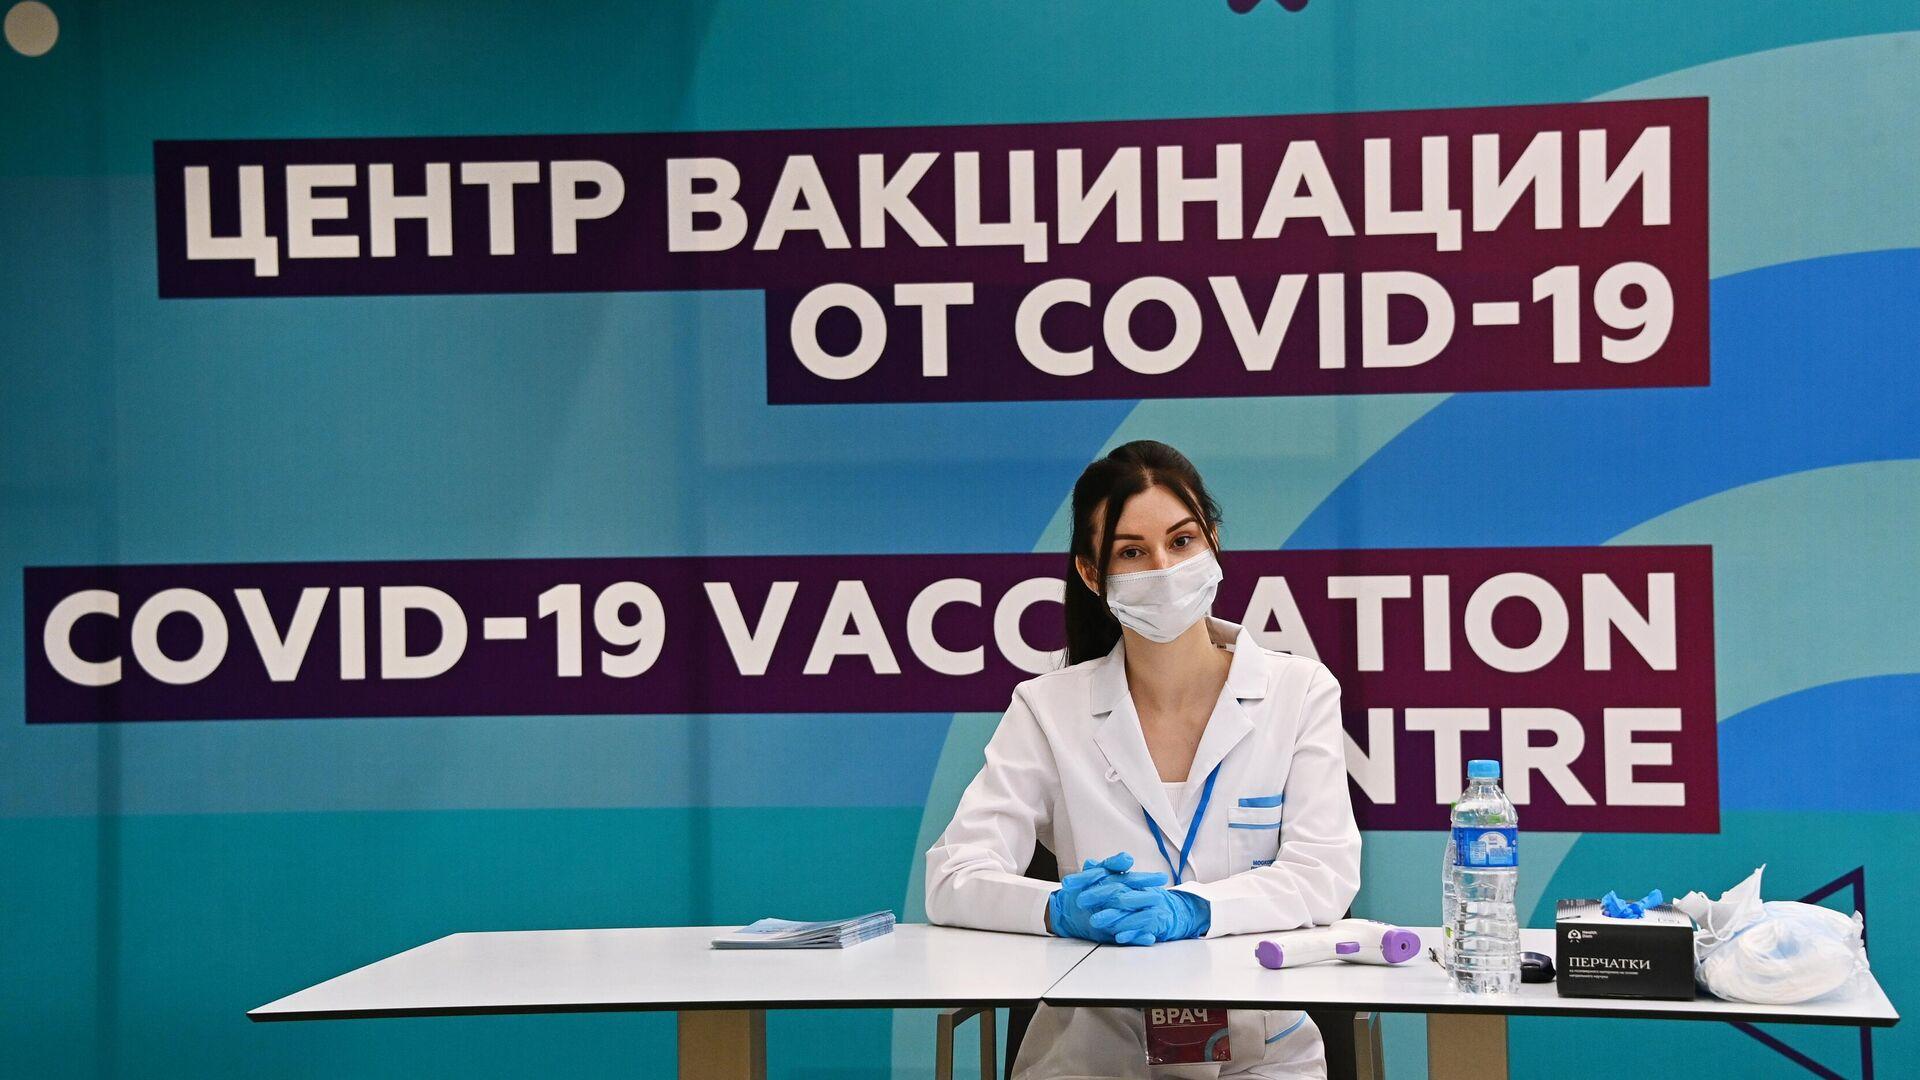 Медицинский сотрудник в центре вакцинации от COVID-19 на стадионе Лужники в Москве - РИА Новости, 1920, 19.07.2021